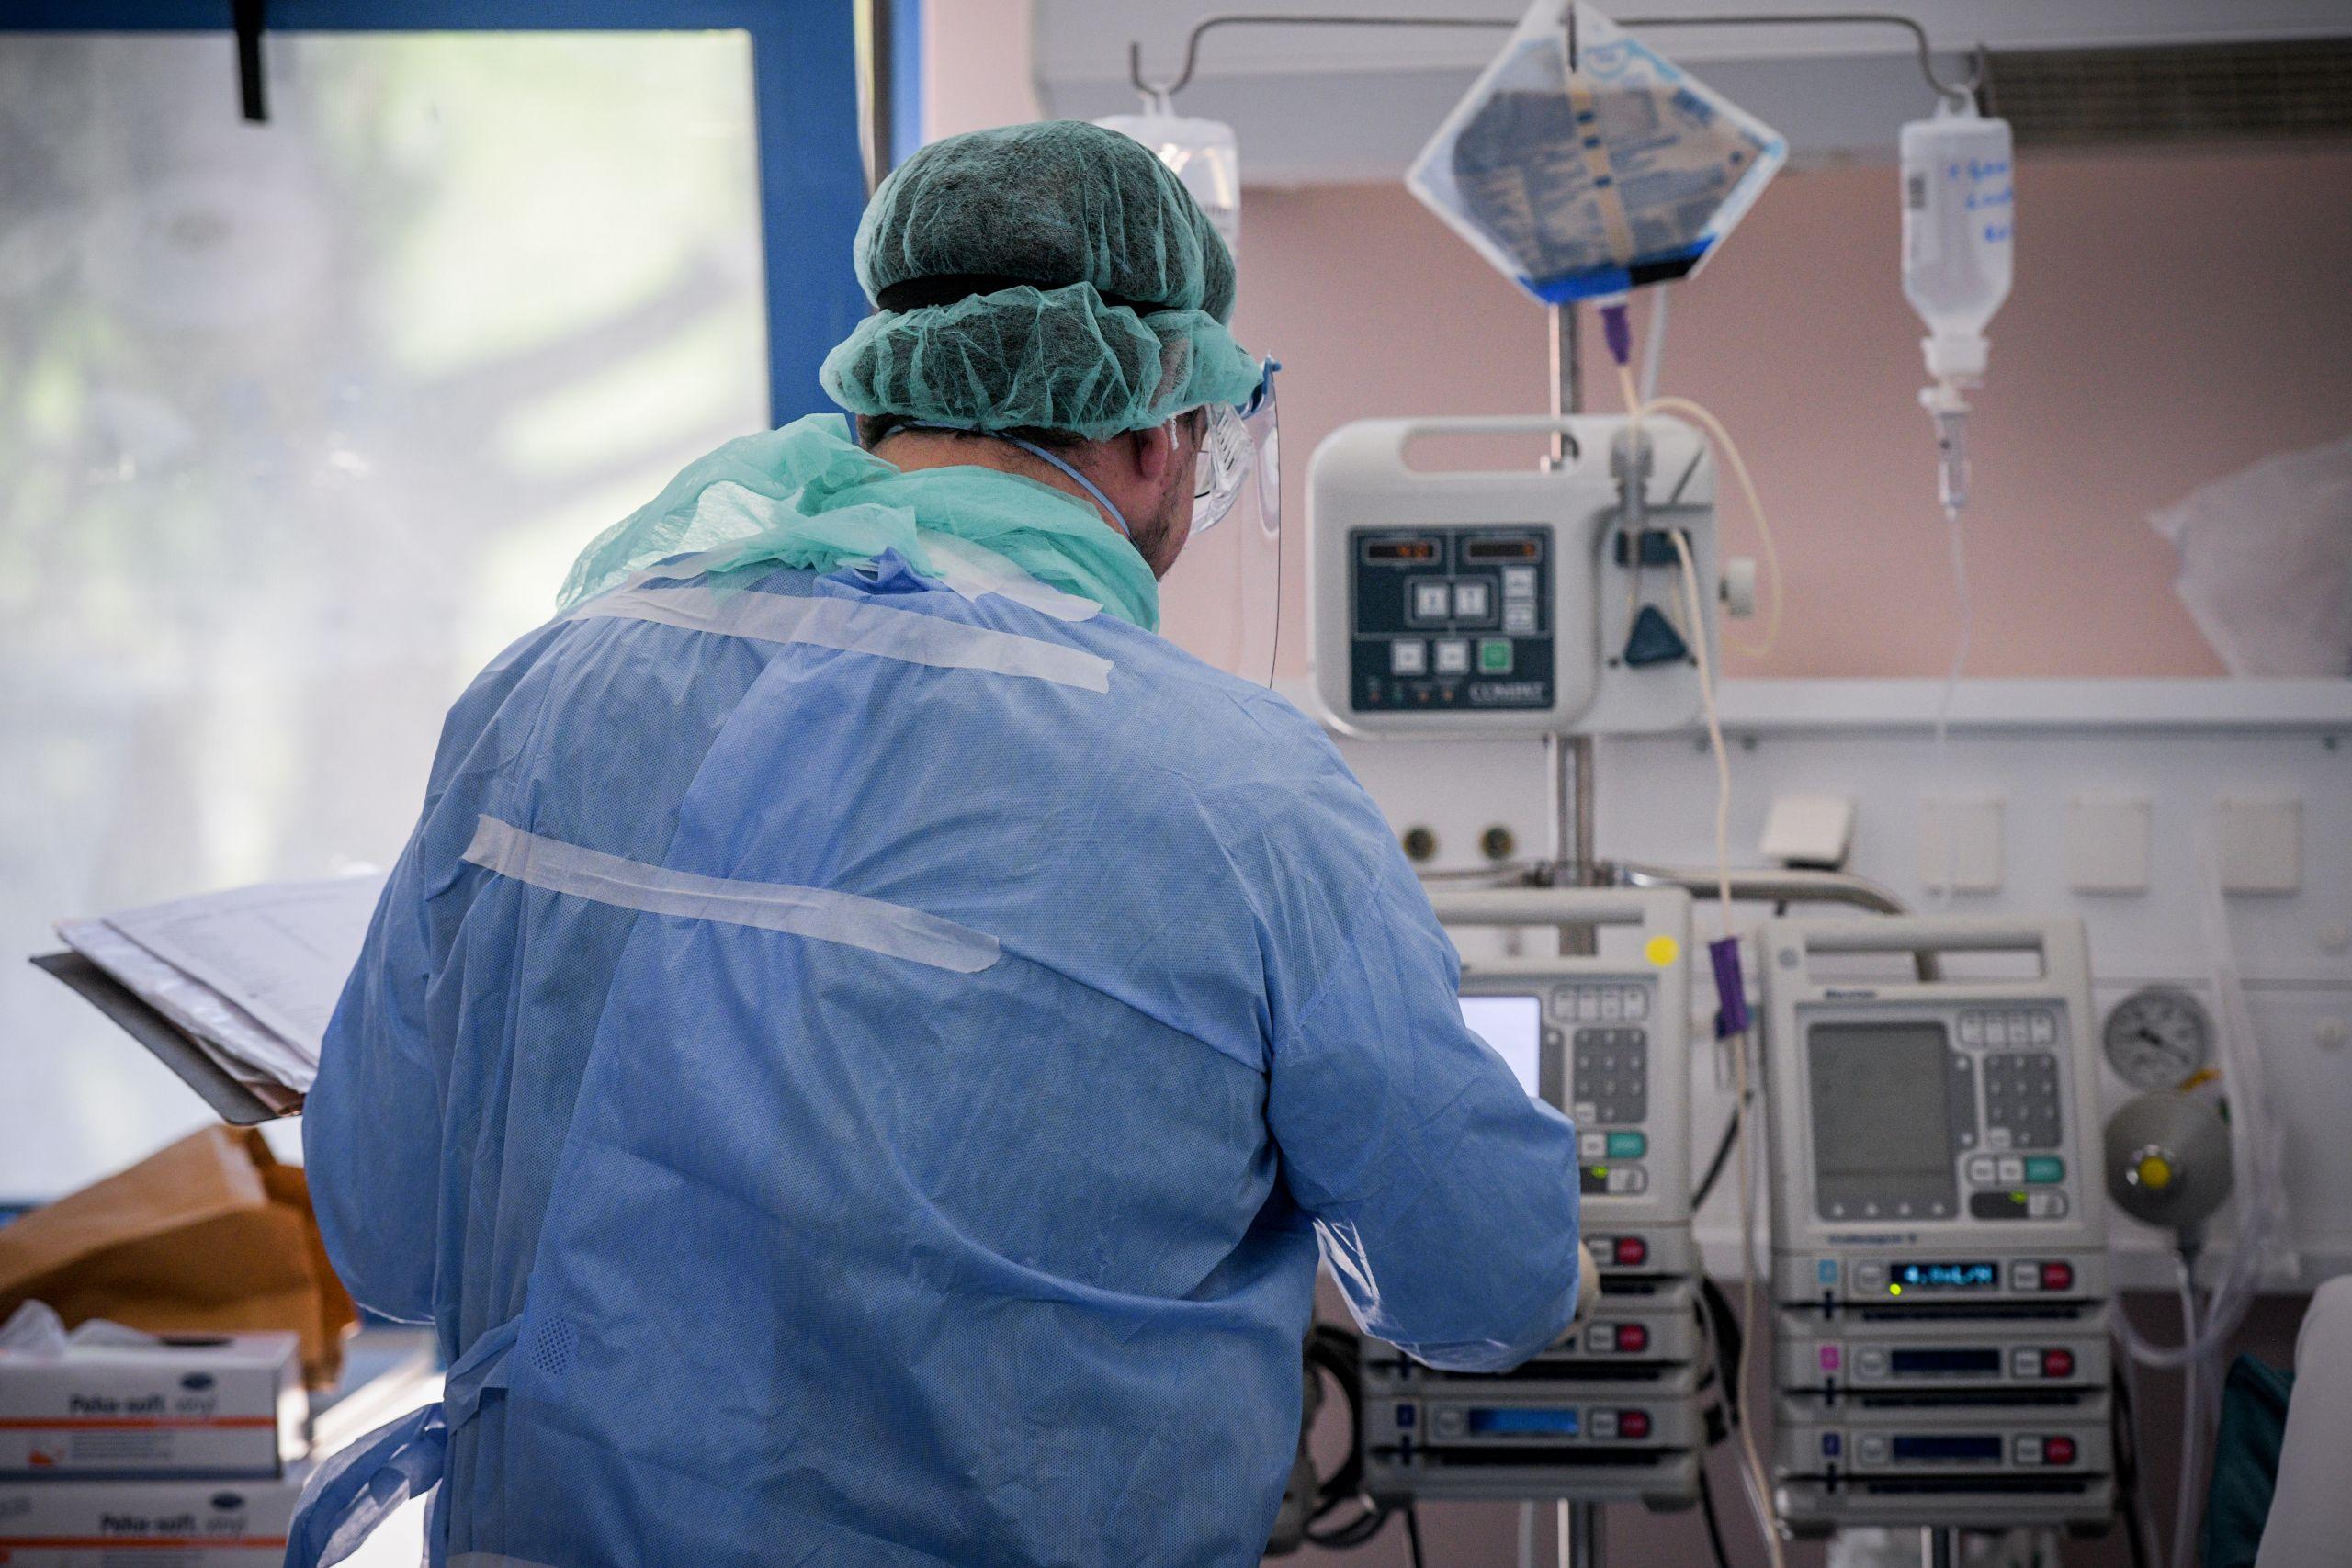 κρούσματα σήμερα νοσοκομείο